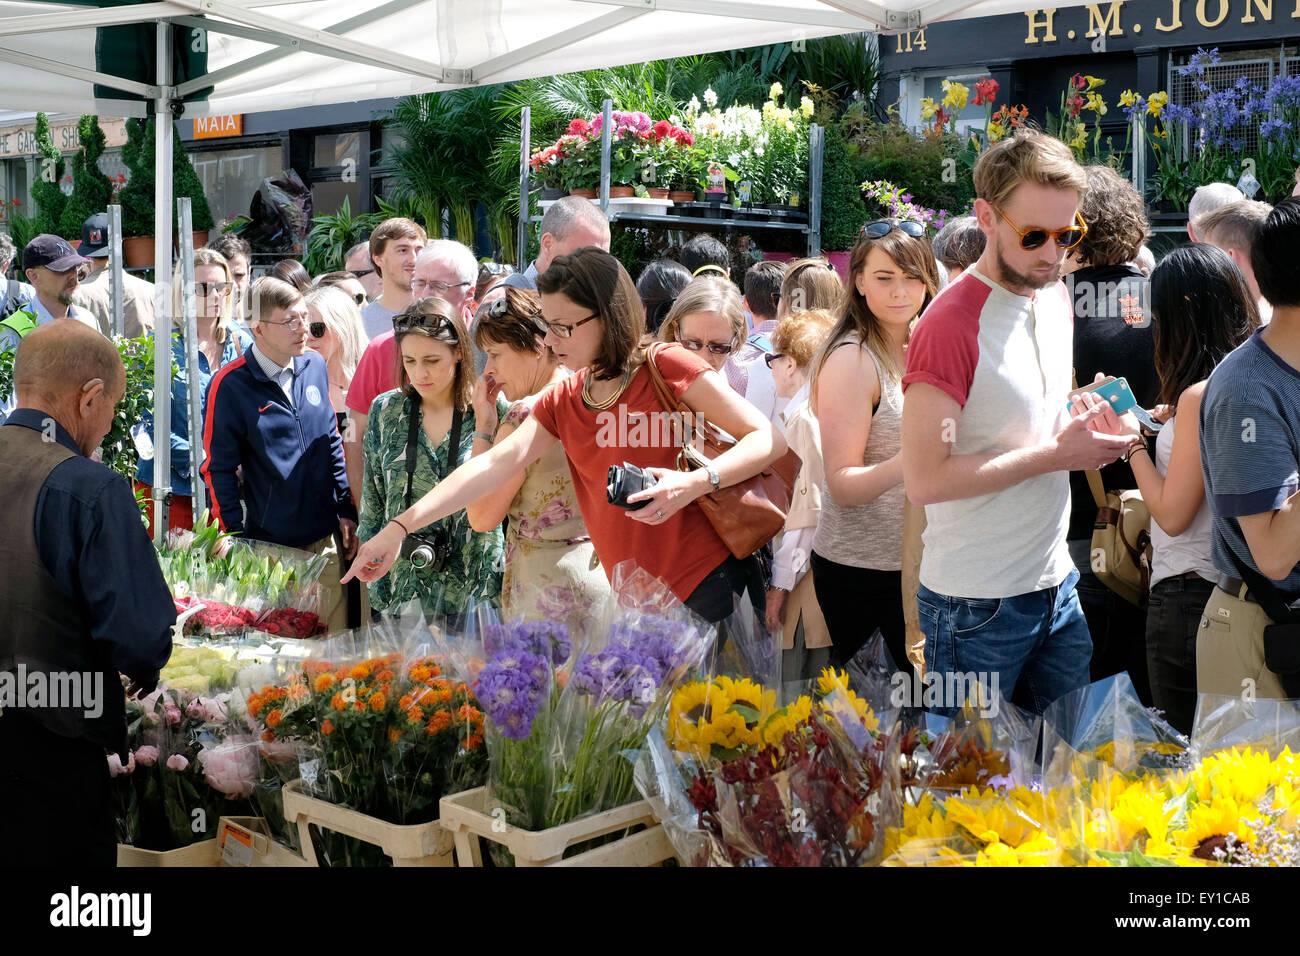 Les gens qui achètent des fleurs à Columbia Road Market Photo Stock